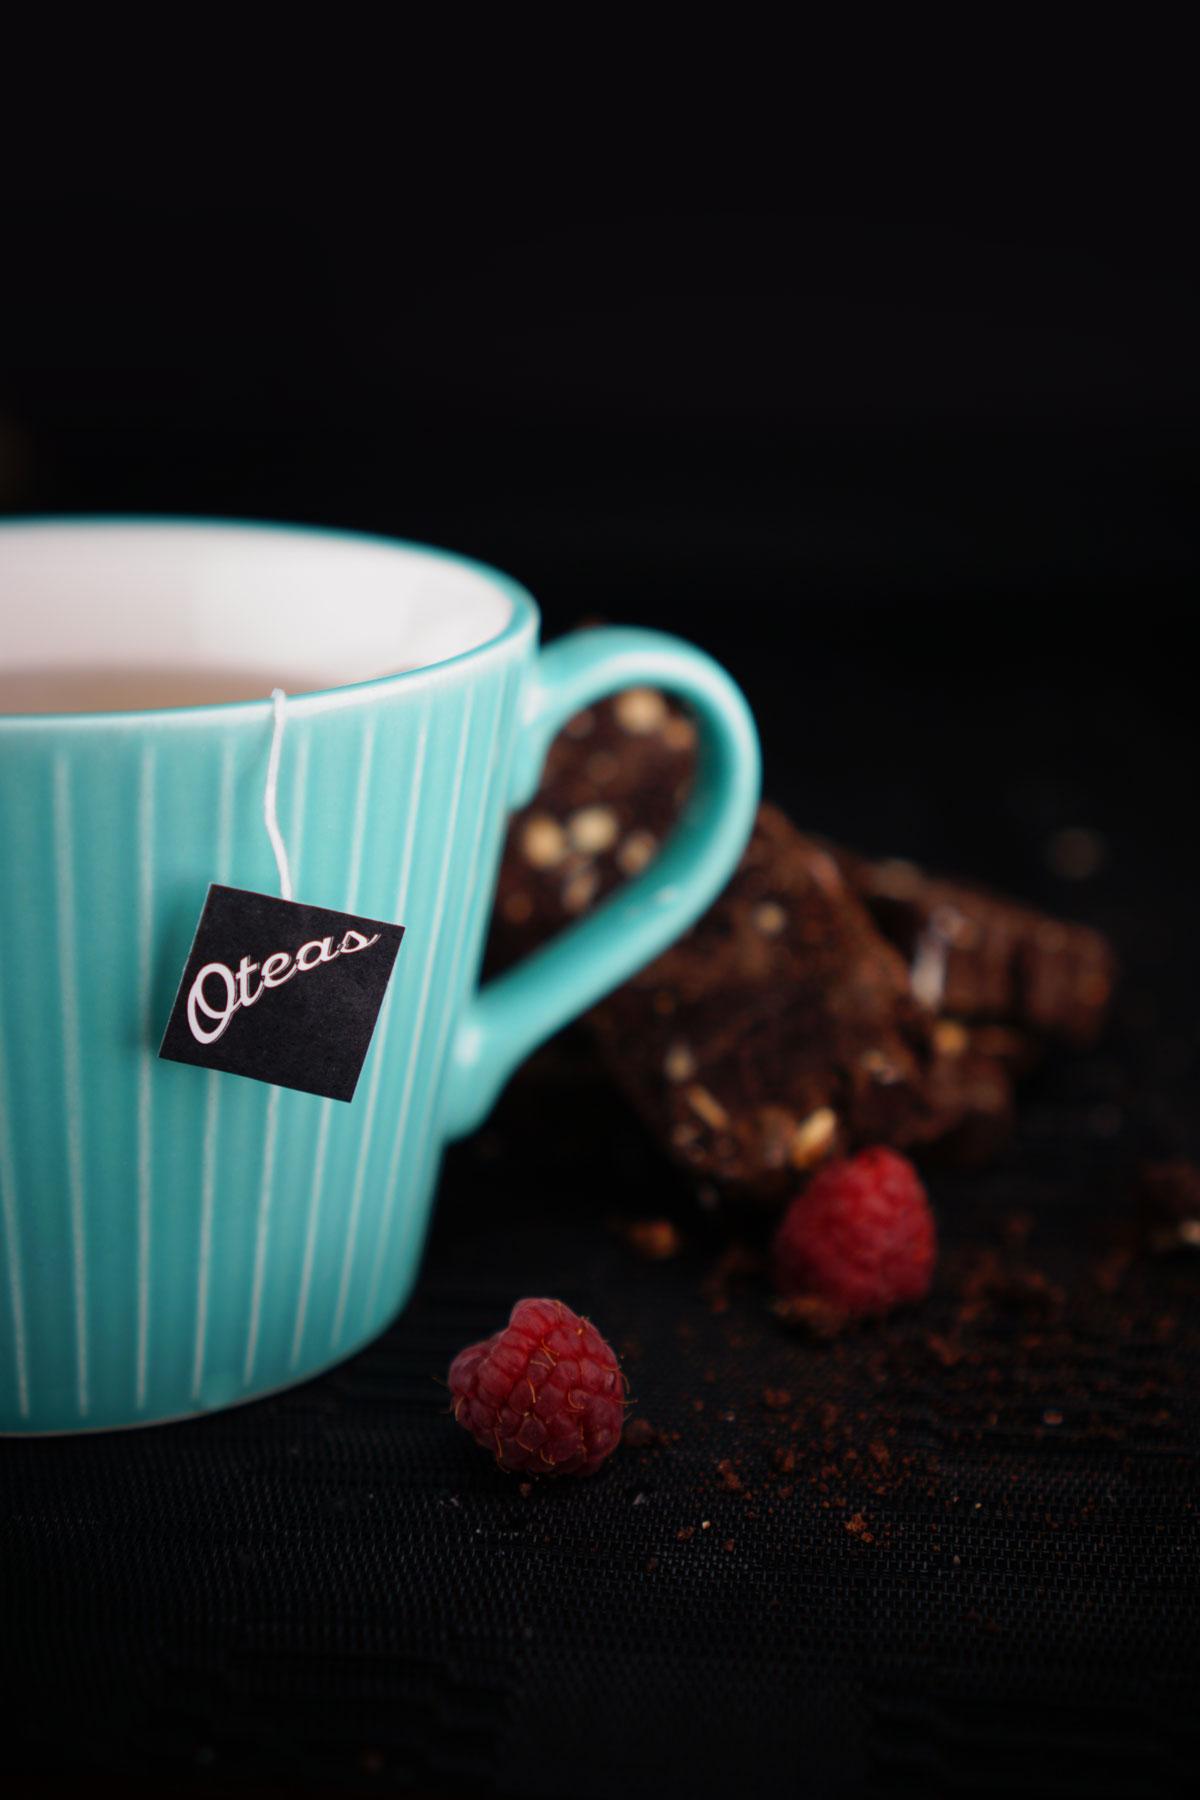 De nous pour vous. - Les ingrédients des thés OTeas proviennent du monde entier et sont soigneusement organisés en de séduisantes combinaisons. Comment allons-nous aboutir à notre prochaine saveur? Cela pourrait dépendre de vous. Suggérez un nouveau mélange qui enchante votre unique palette, nous nous ferons un plaisir de l'essayer.